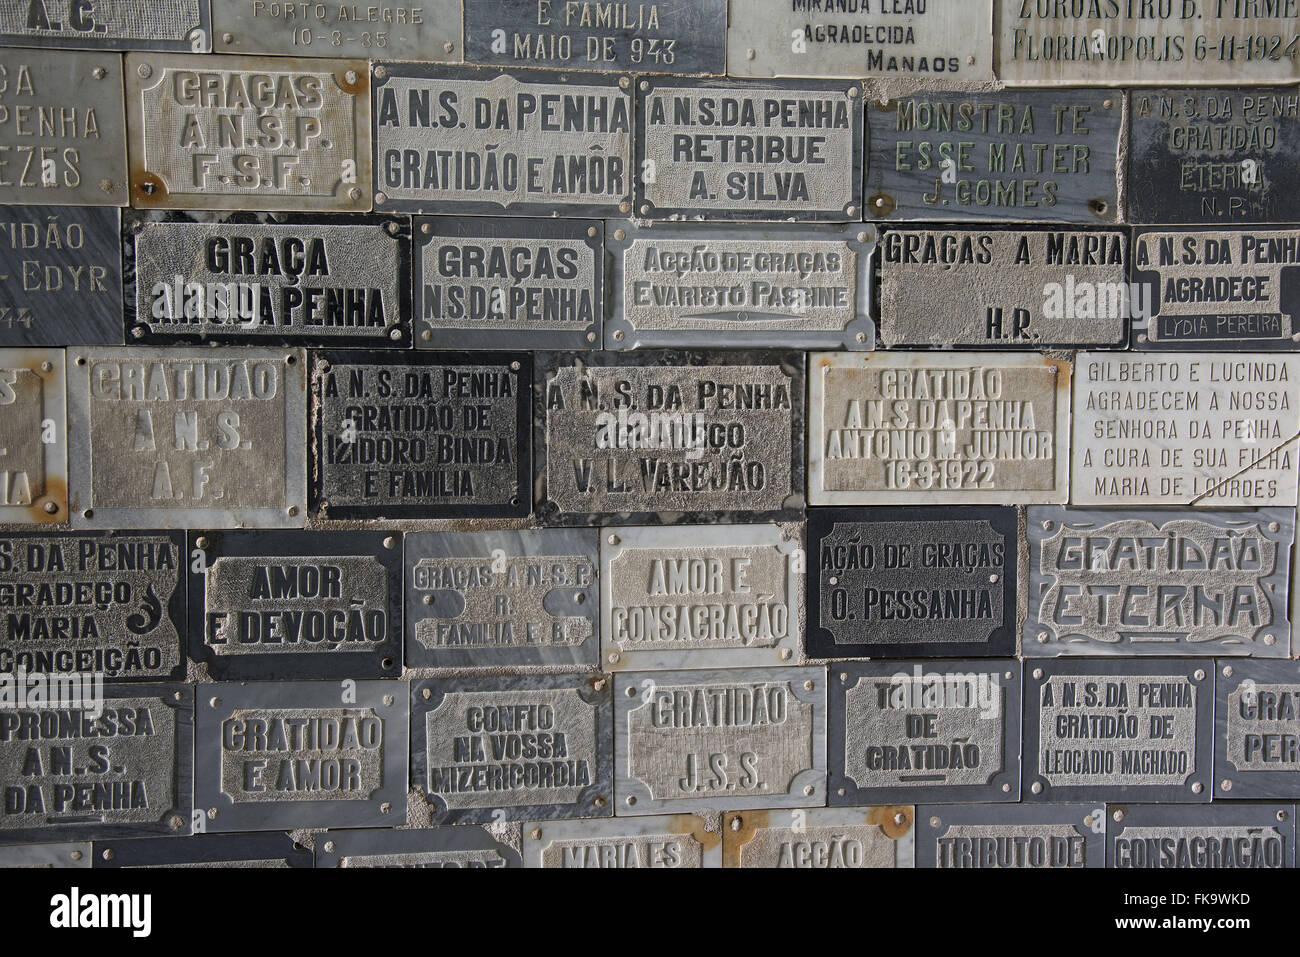 Placas Con Frases De Gratitud Por La Gracia Recibida En